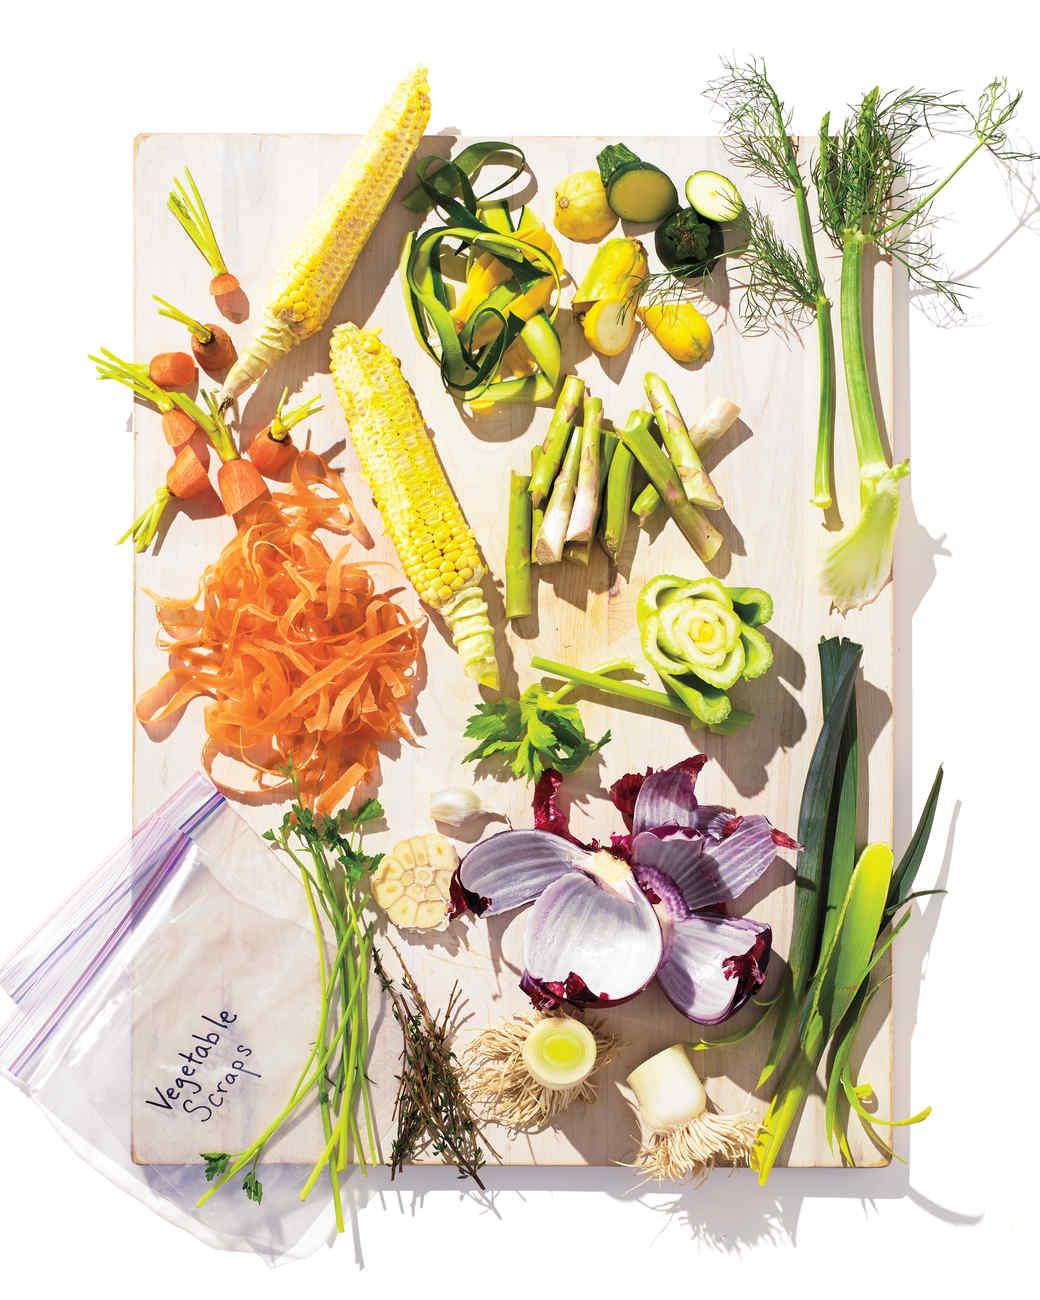 veggie-stock-243-d111871.jpg